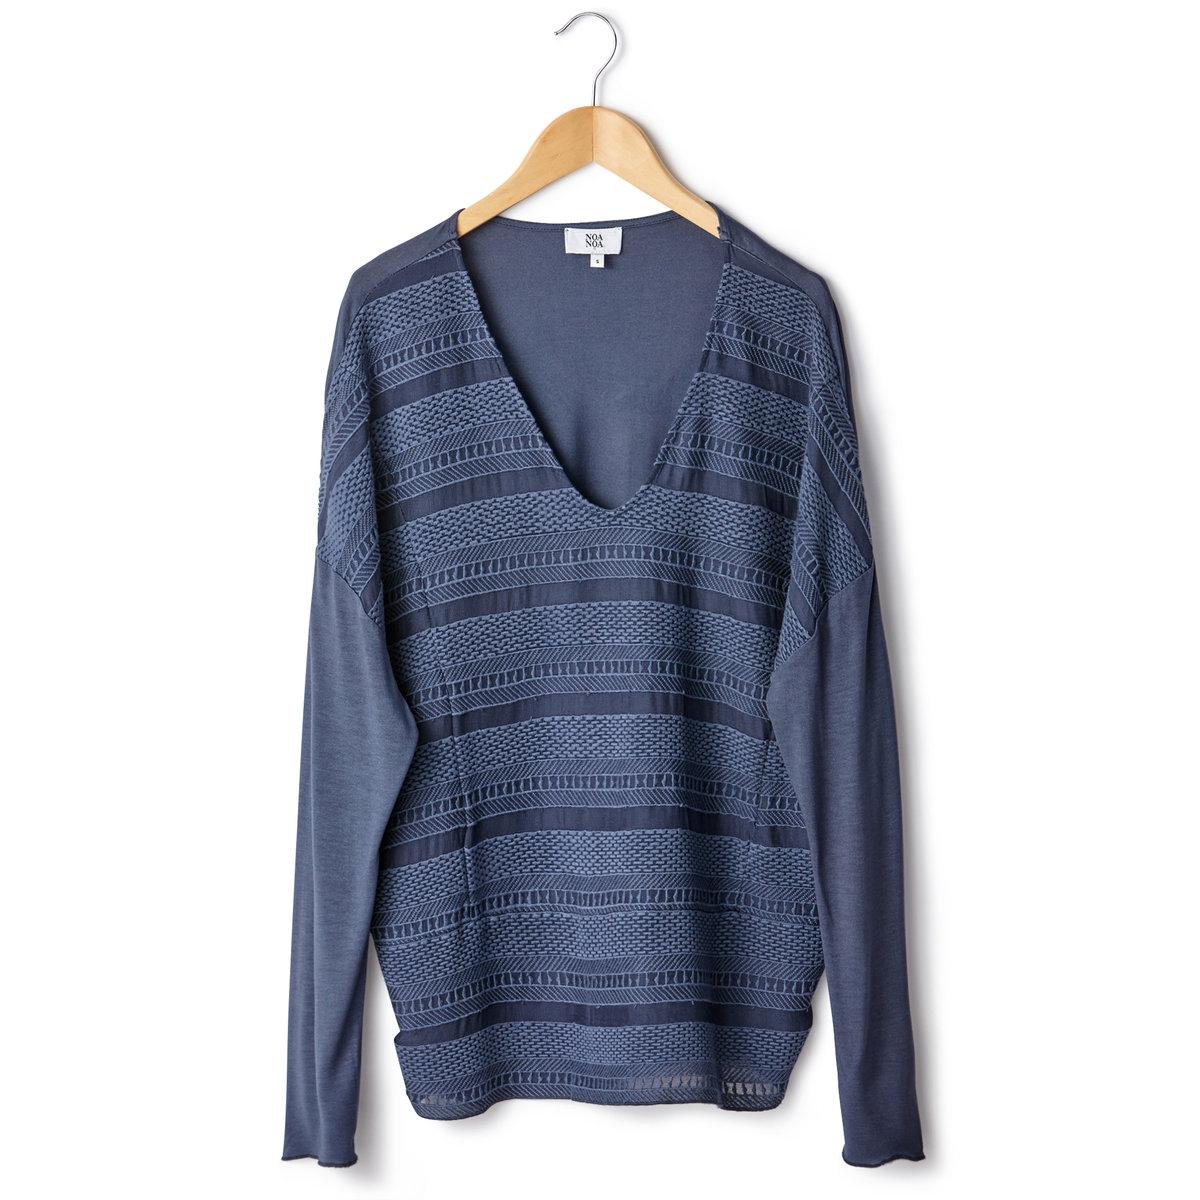 Блузка из ажурной ткани с длинными рукавамиБлузка из ажурной ткани - NOA NOA. Длинные рукава. V-образный вырез. Оригинальное сочетание полос ажурной ткани и вышивки спереди.100% вискозы.<br><br>Цвет: синий,экрю<br>Размер: 44 (FR) - 50 (RUS).38 (FR) - 44 (RUS)